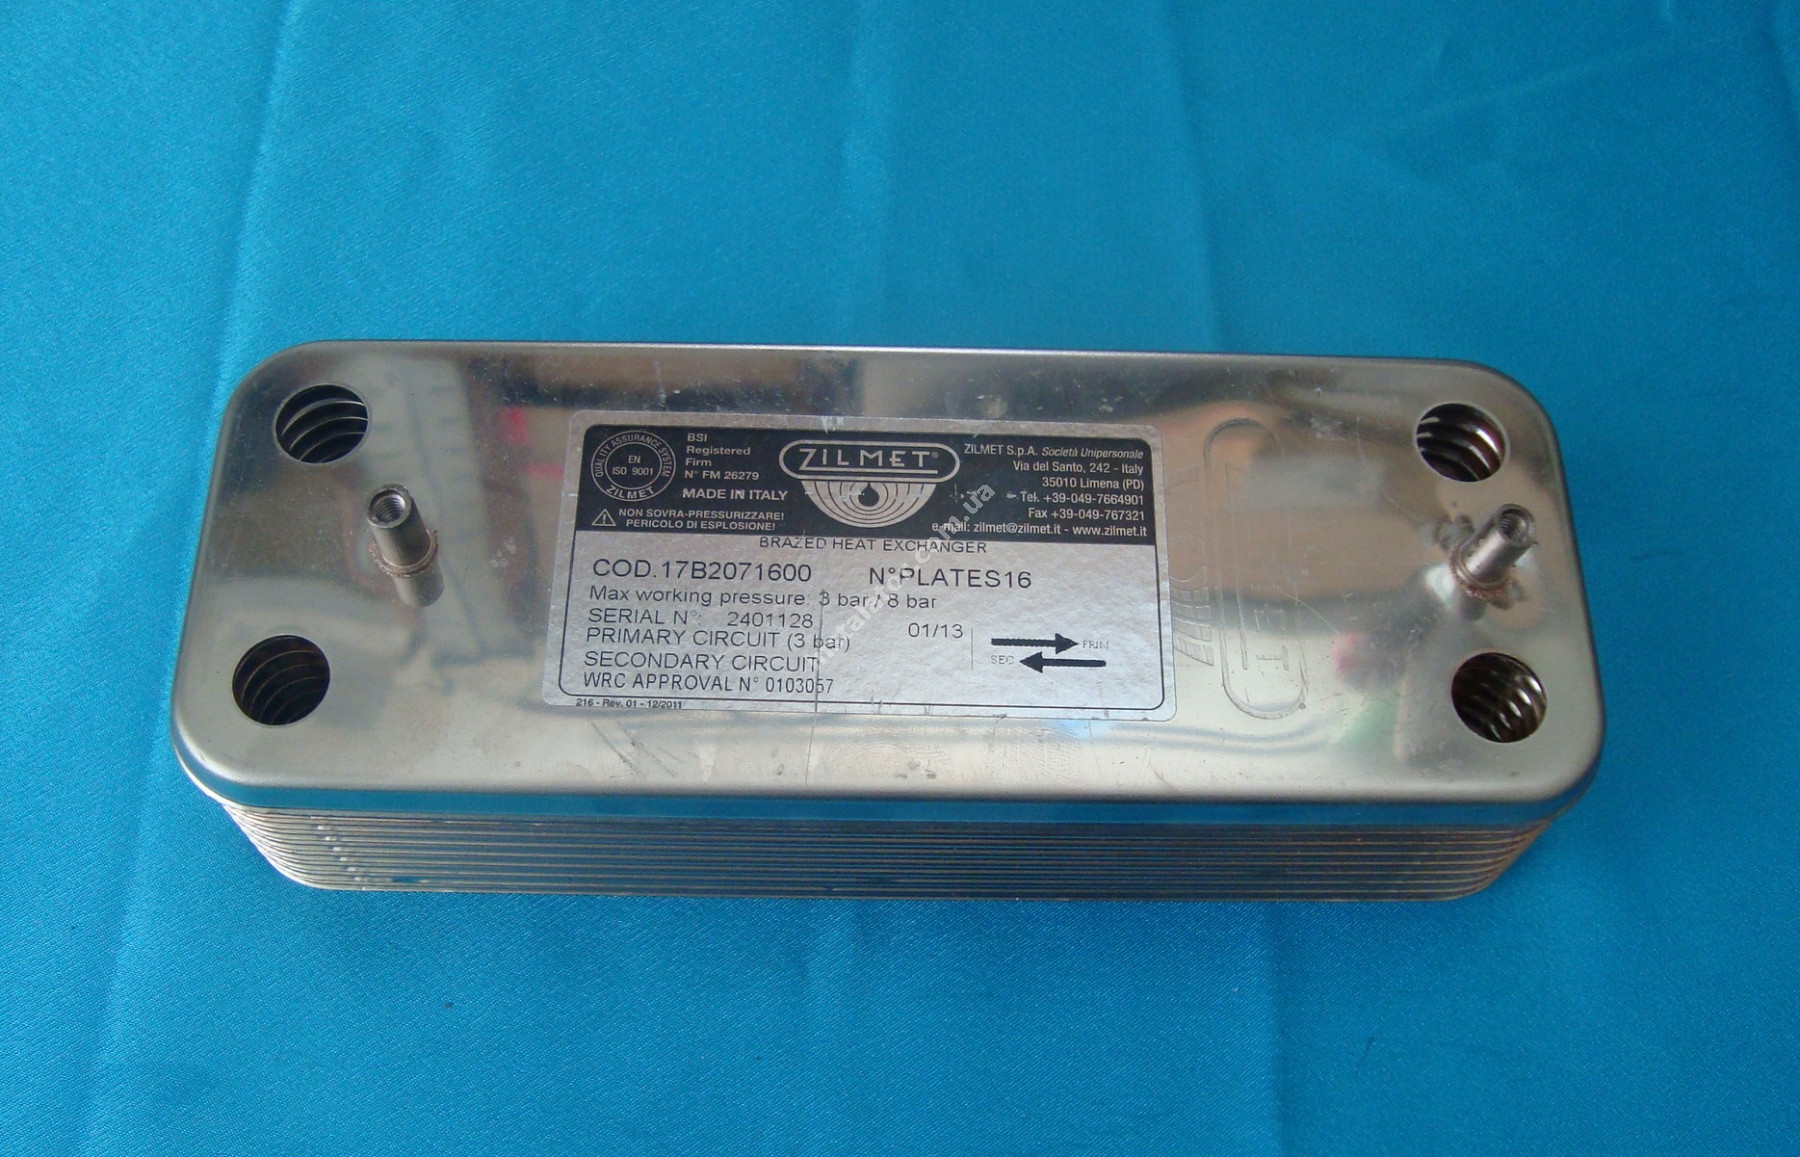 17B2071600 Теплообмінник вторинний ГВП 16 пластин ZILMET full-image-0